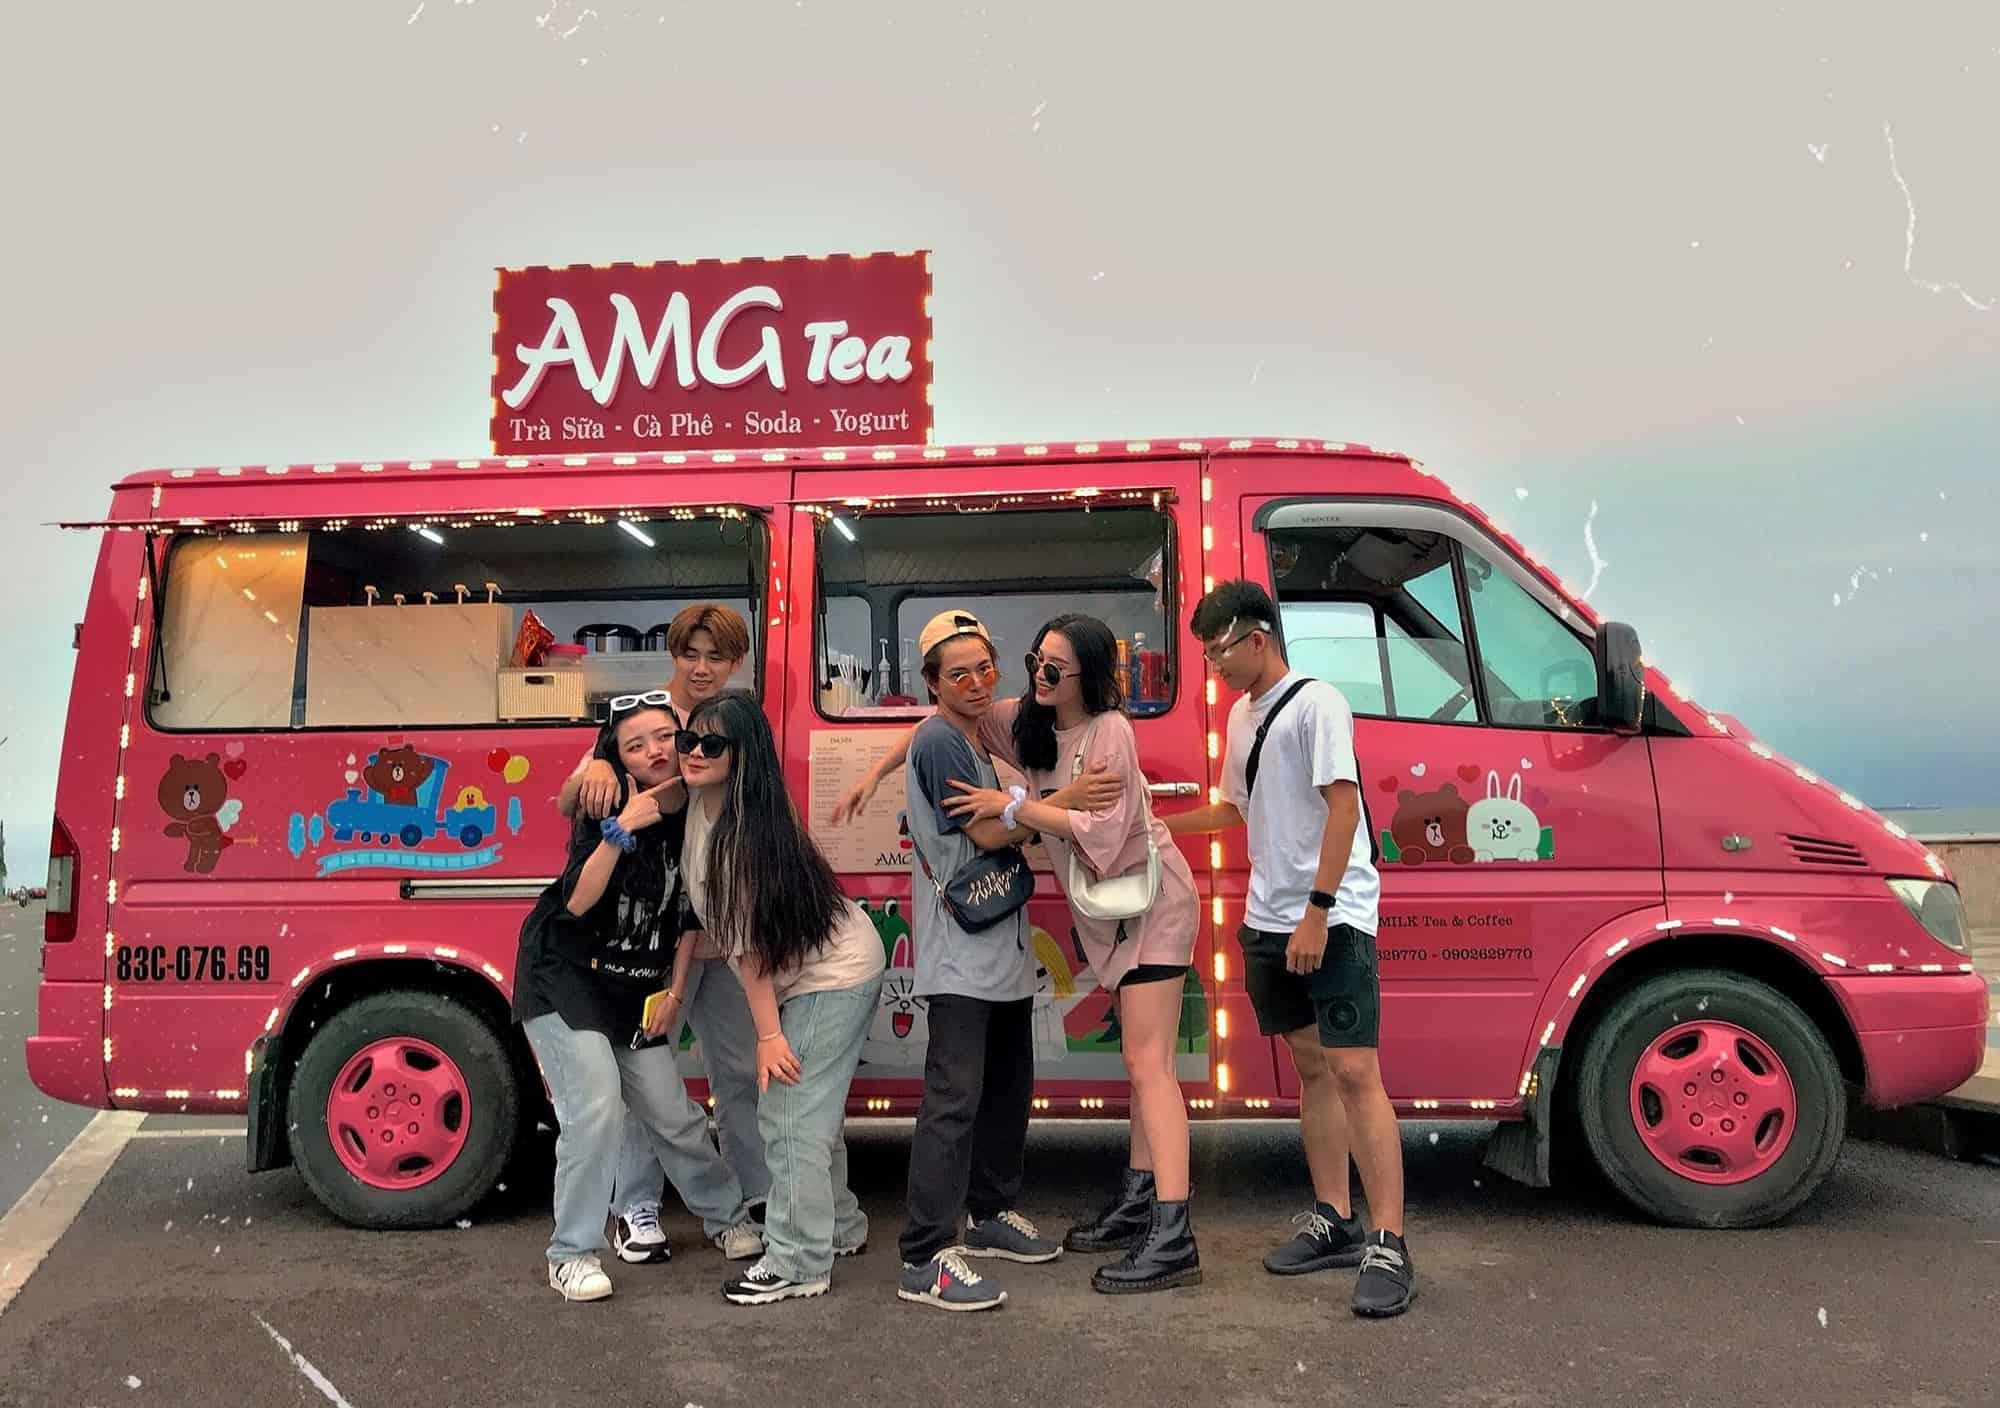 Yêu màu hồng, ghiền thức uống mát lạnh của xe kem ở Vũng Tàu